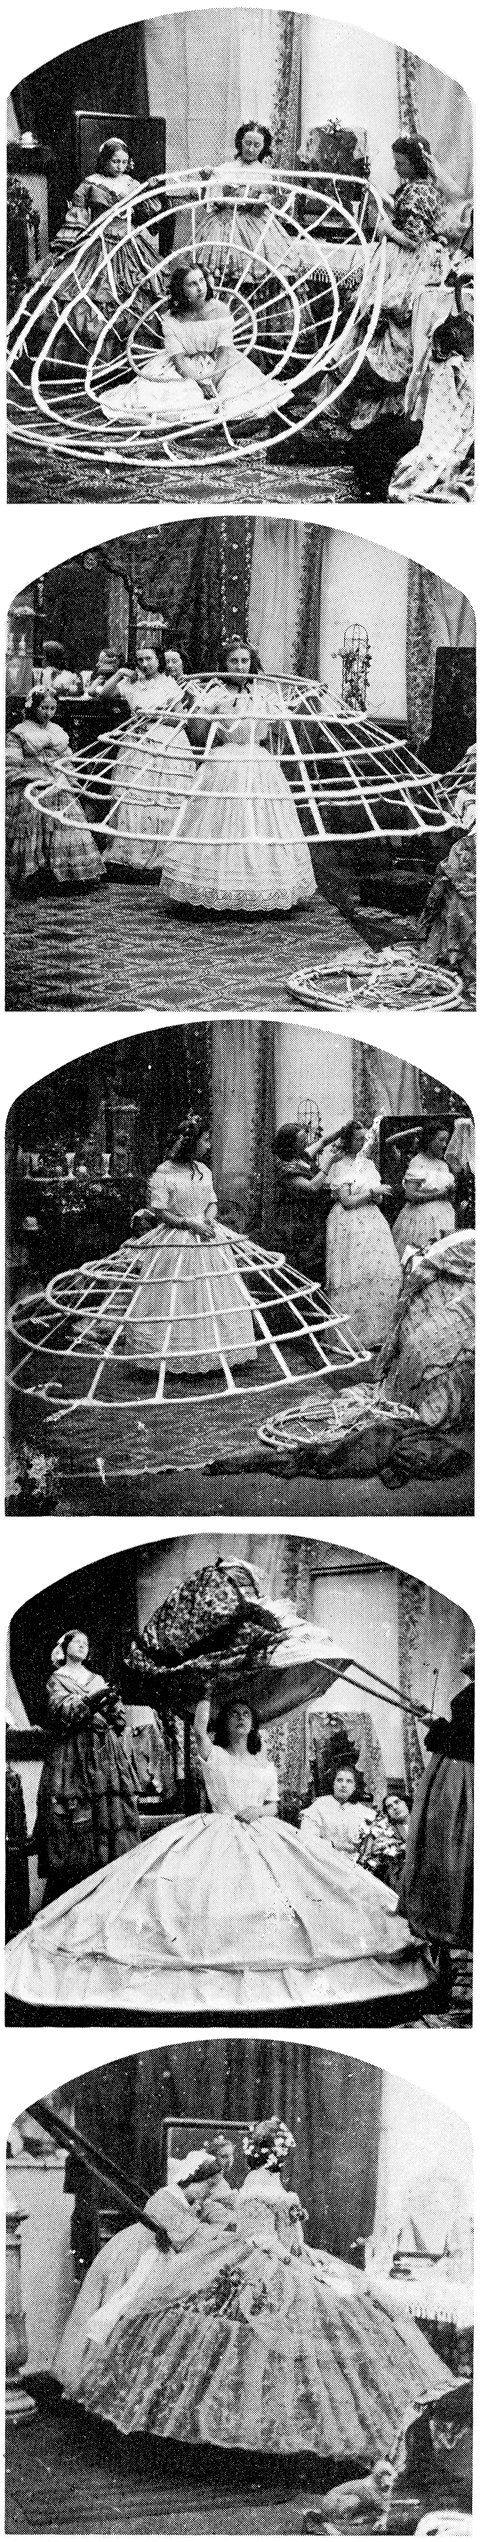 Y puertas y muebles tuvieron que ses hechos en función de estos vestidos.